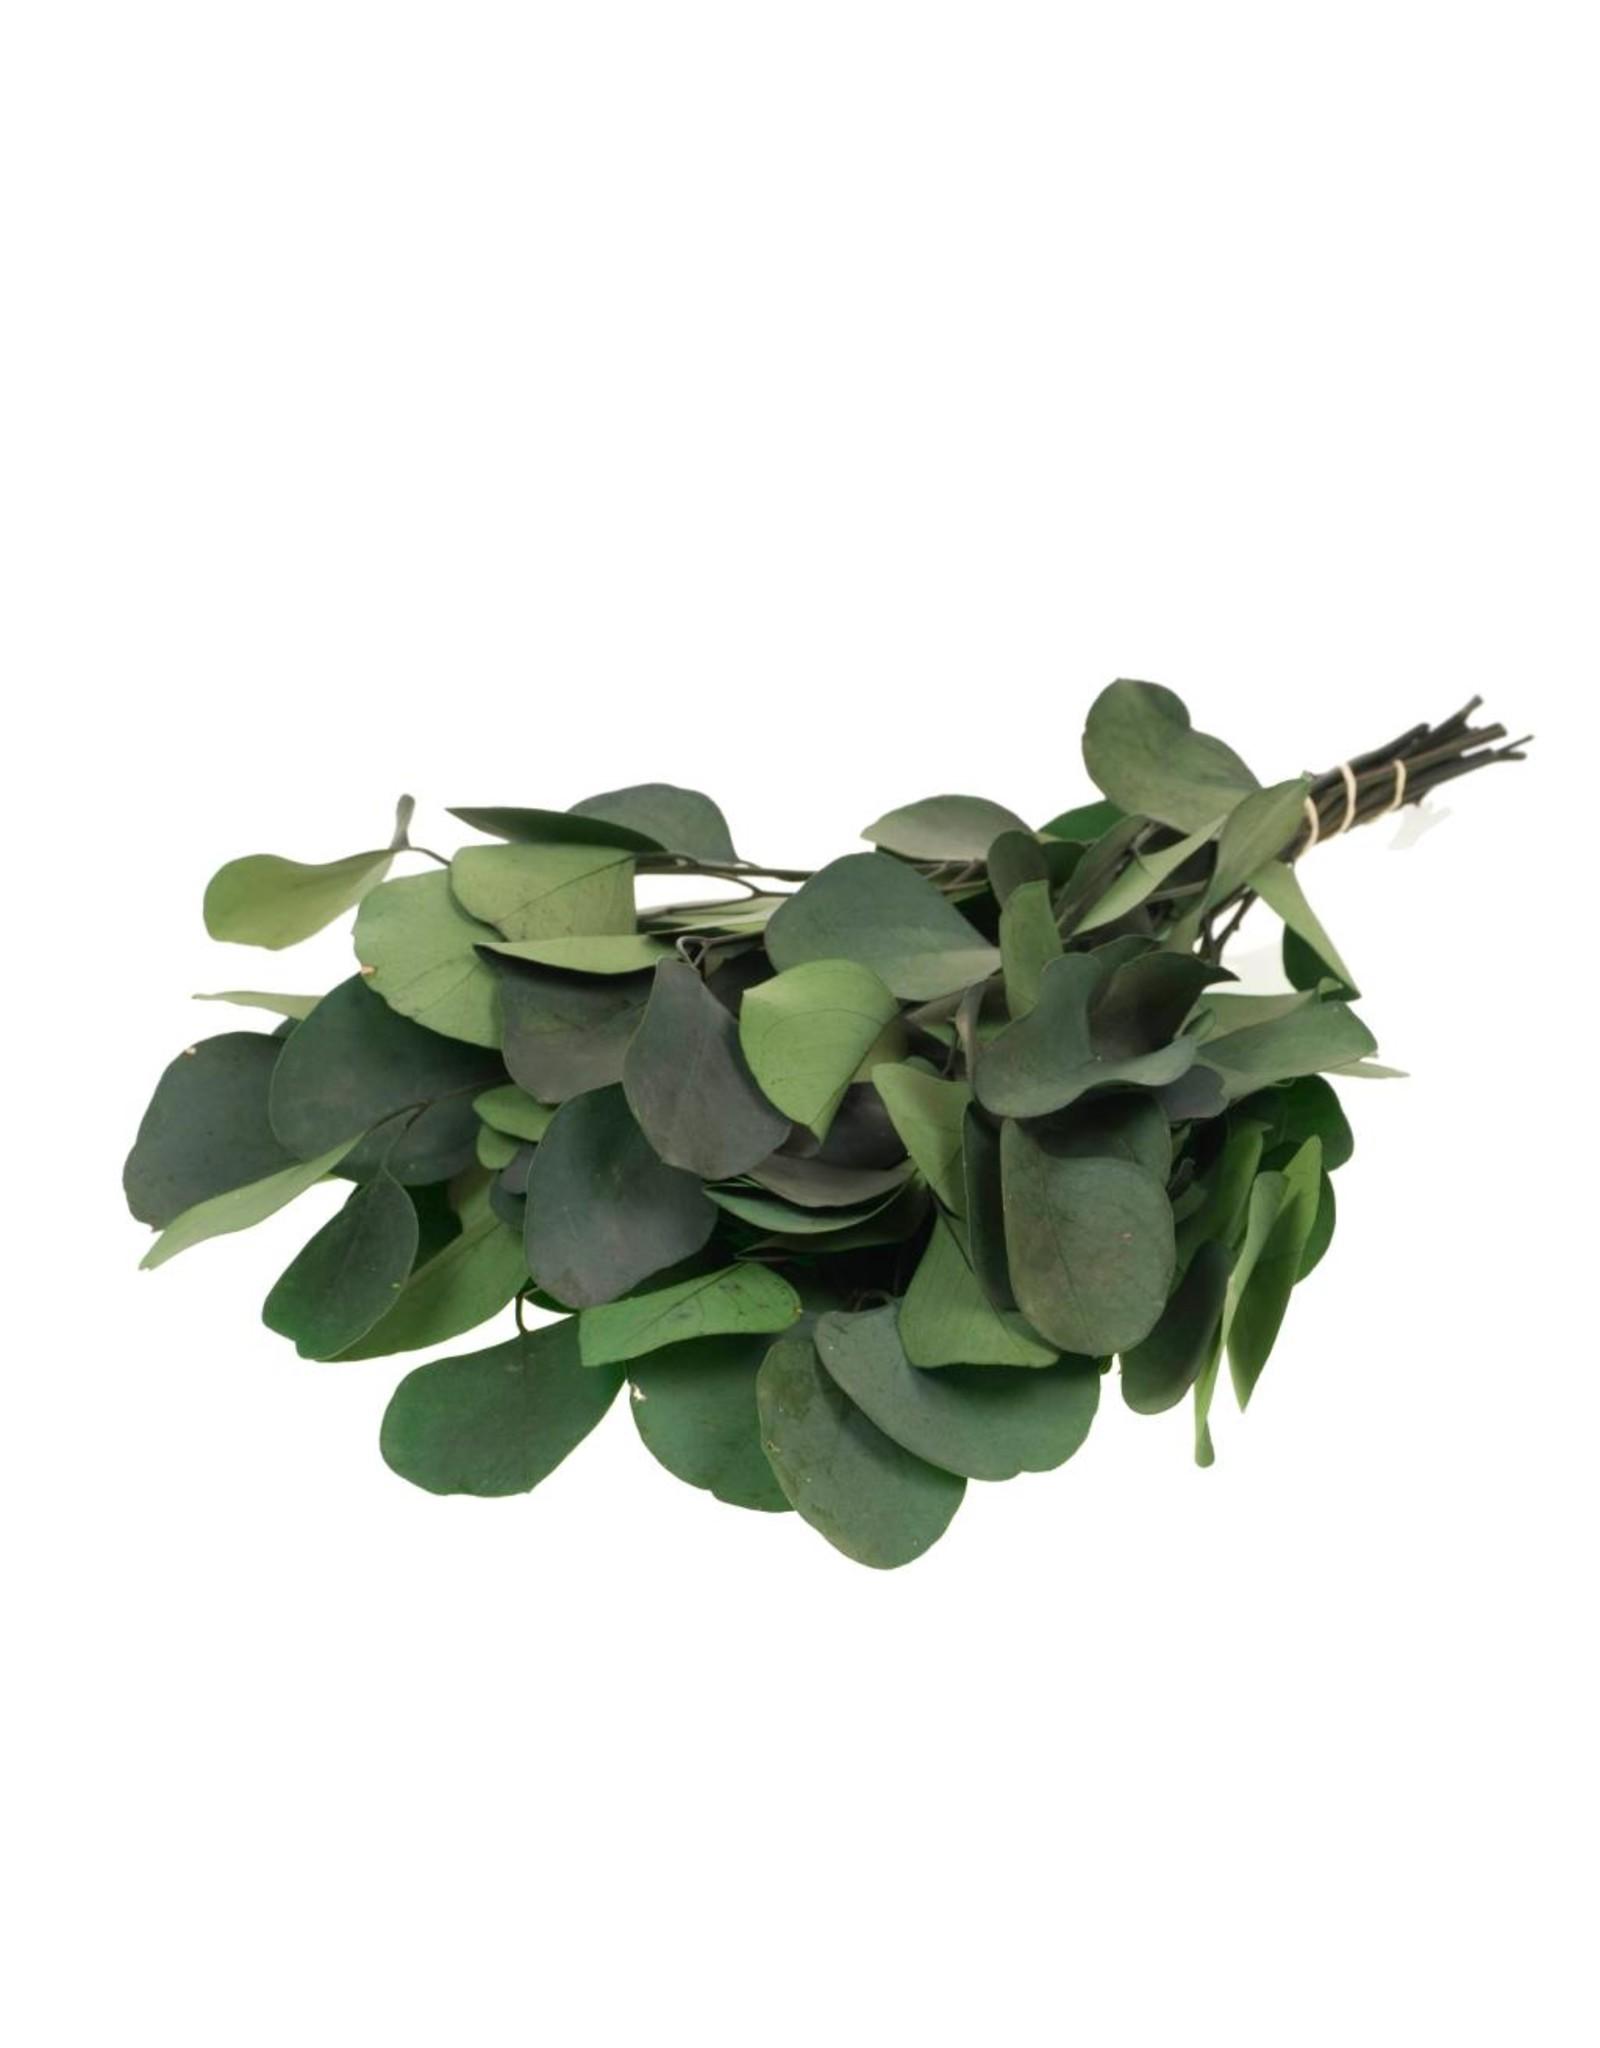 LDD Eucalyptus populus preserved moss green x 40